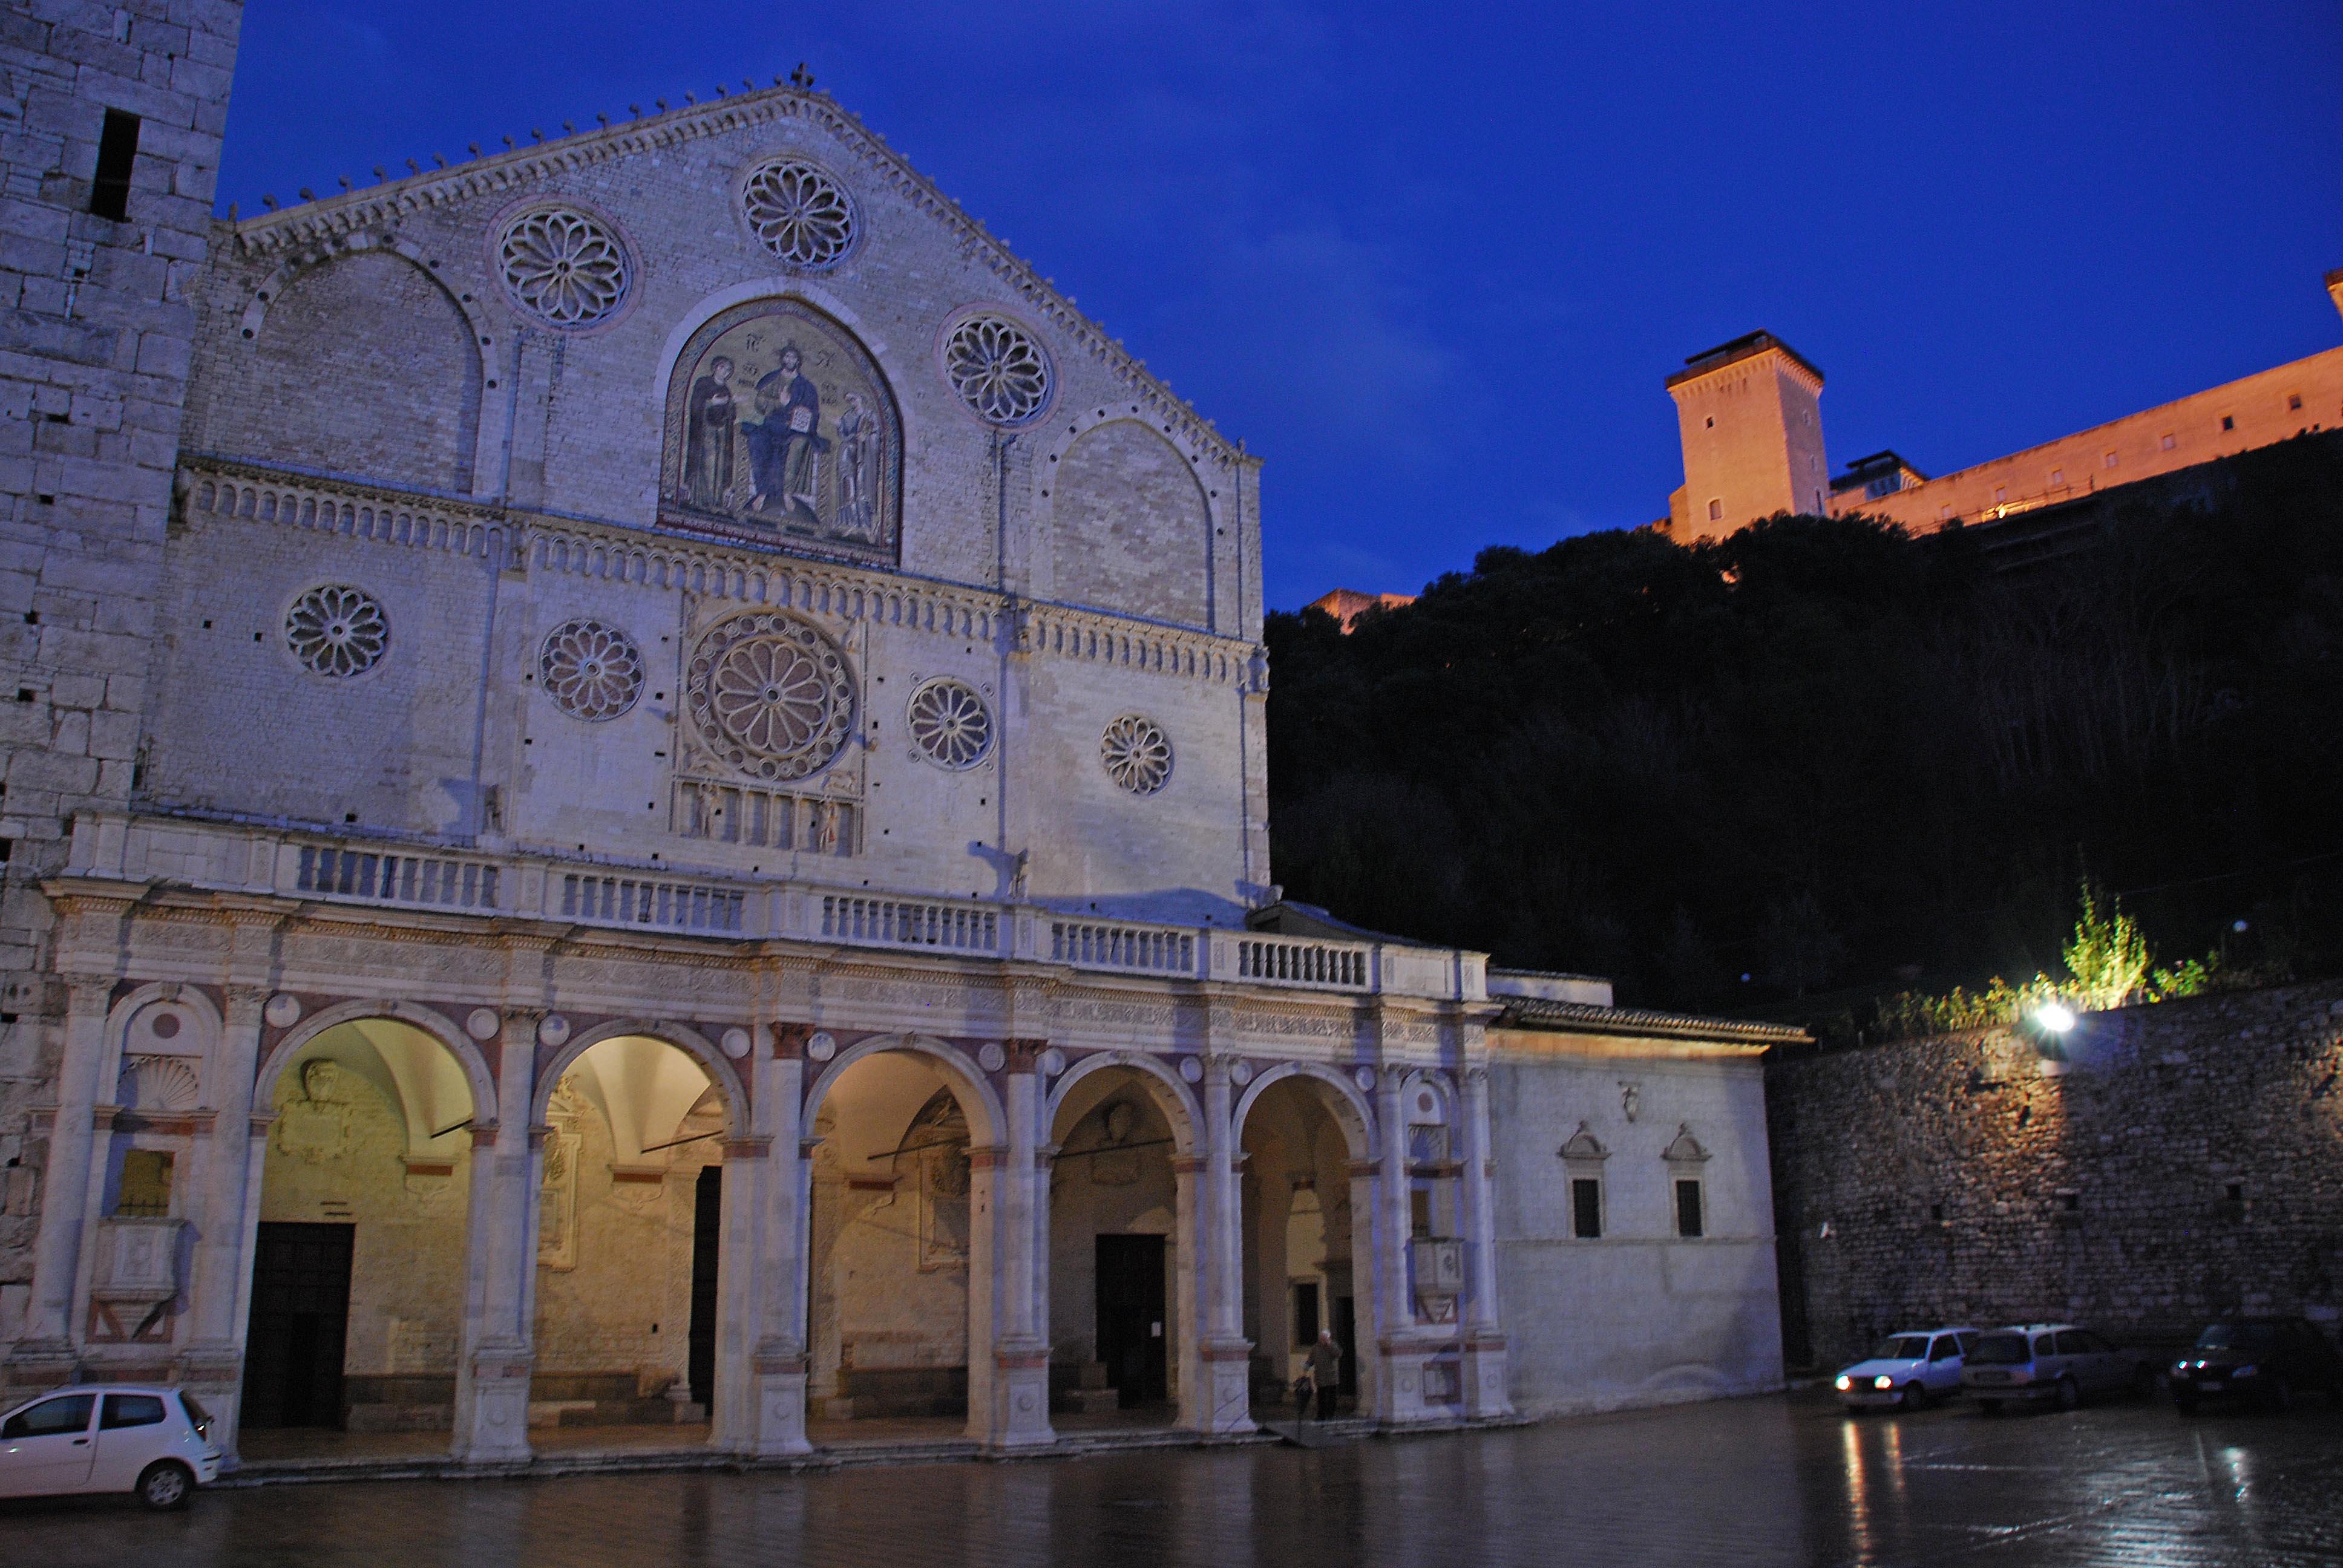 Duomo - Cattedrale di Santa Maria Assunta